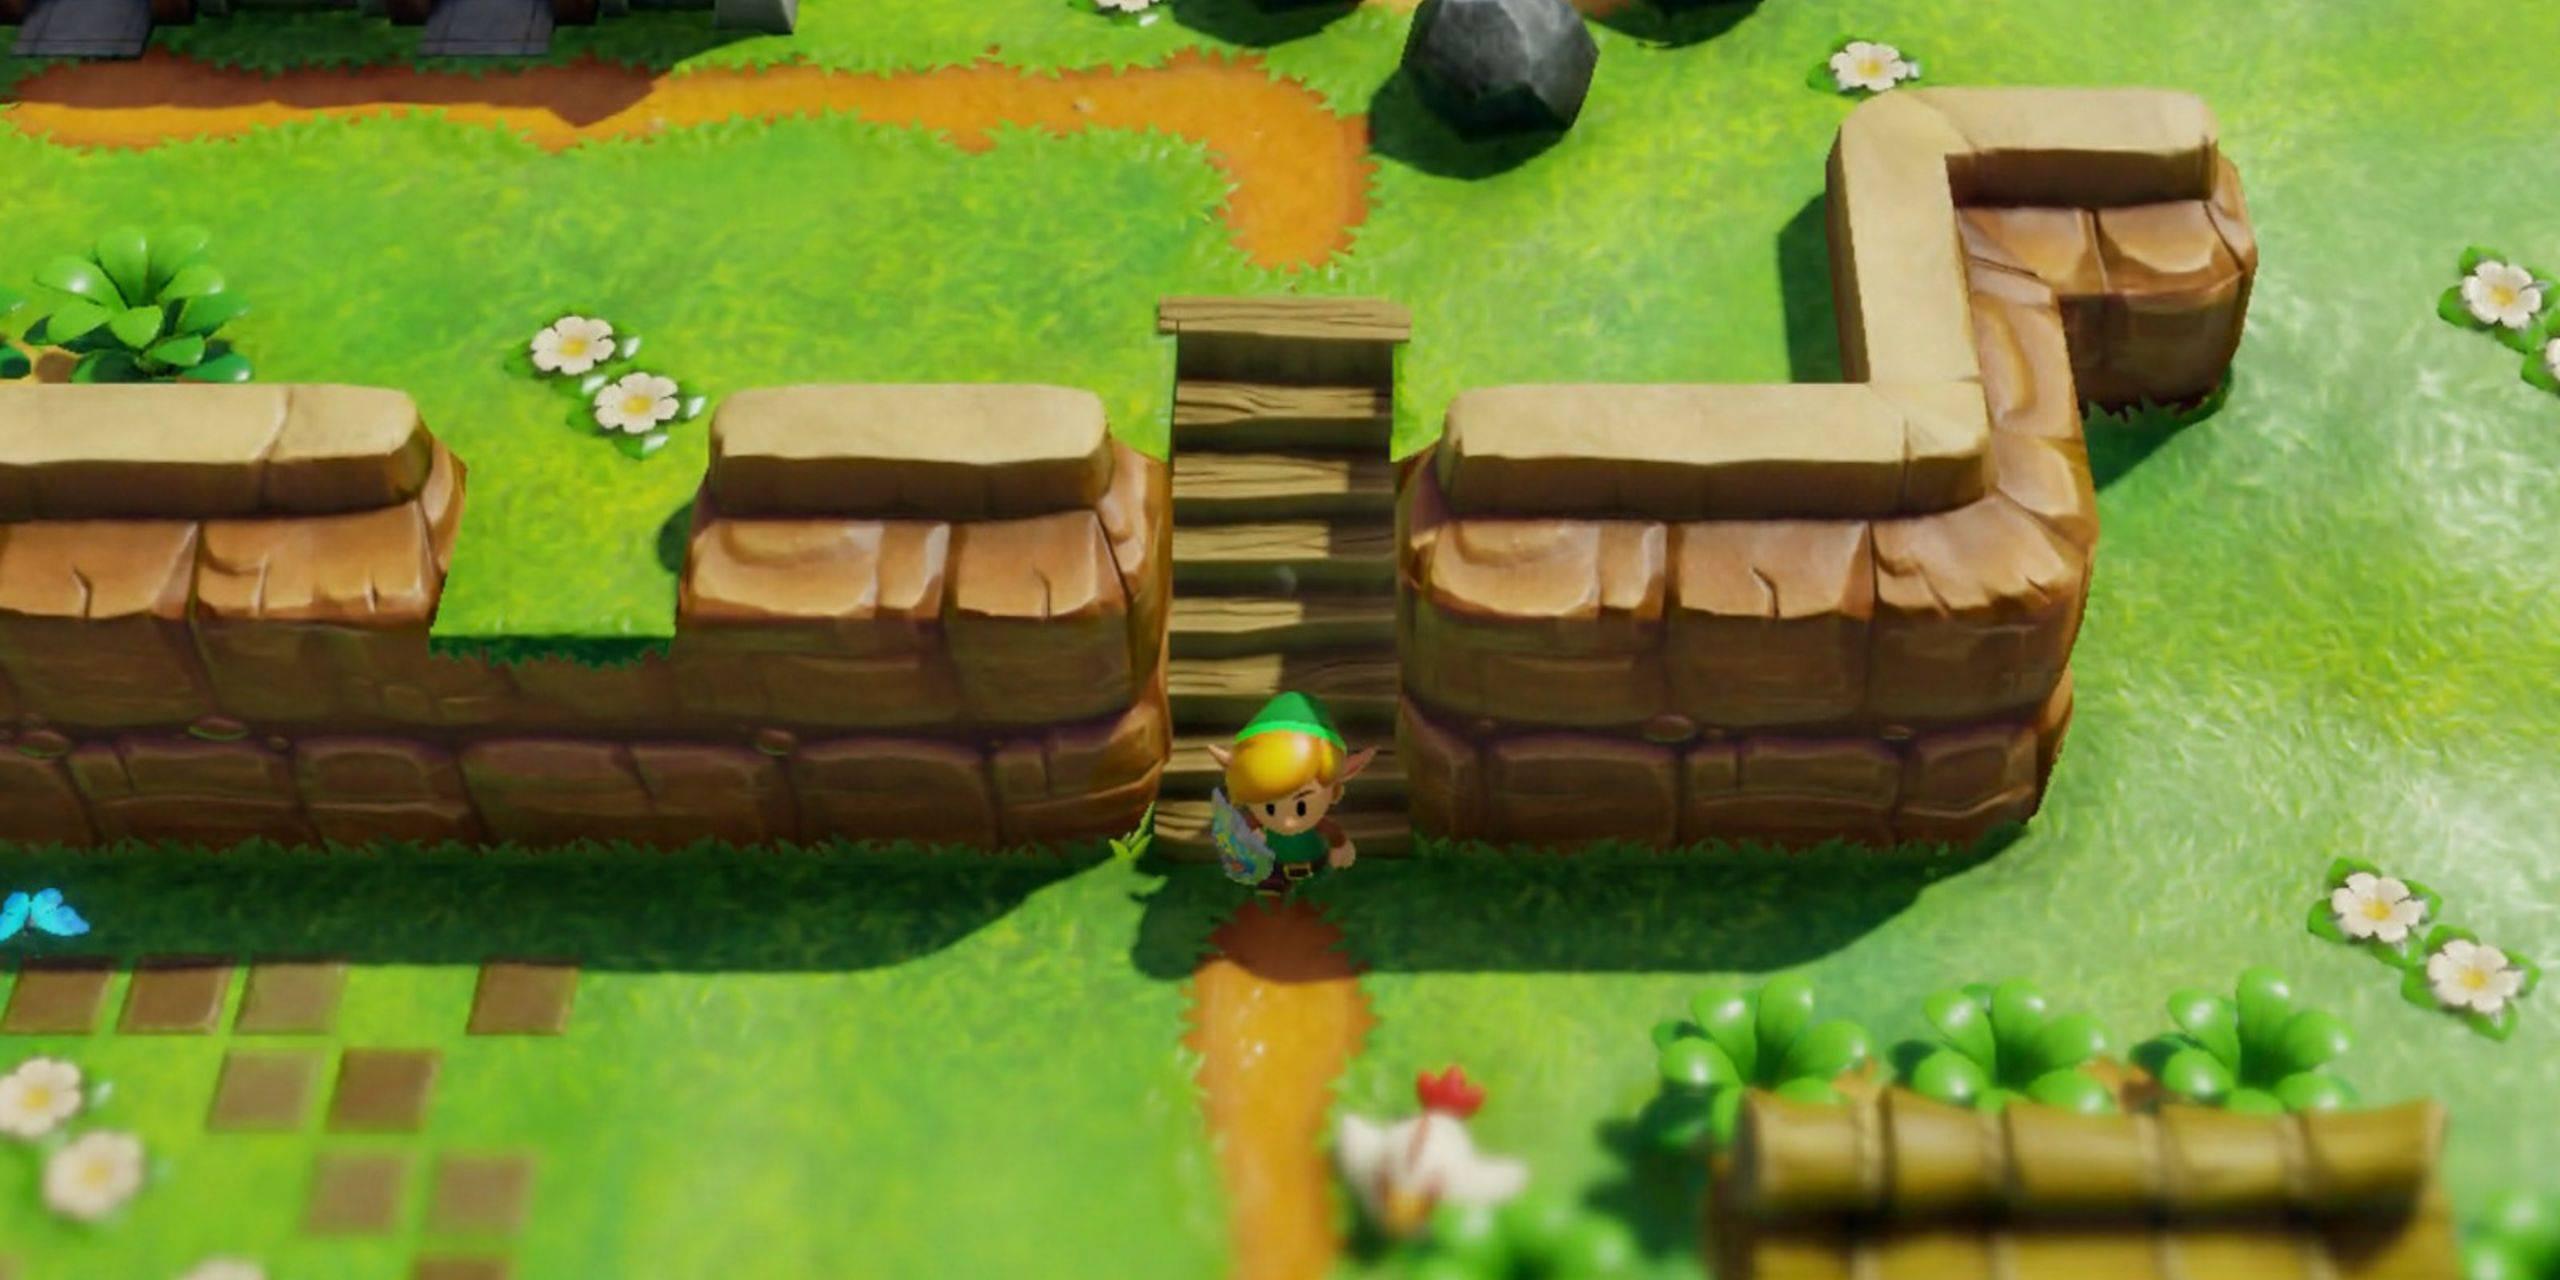 The Legend of Zelda: Link's Awakening Remake